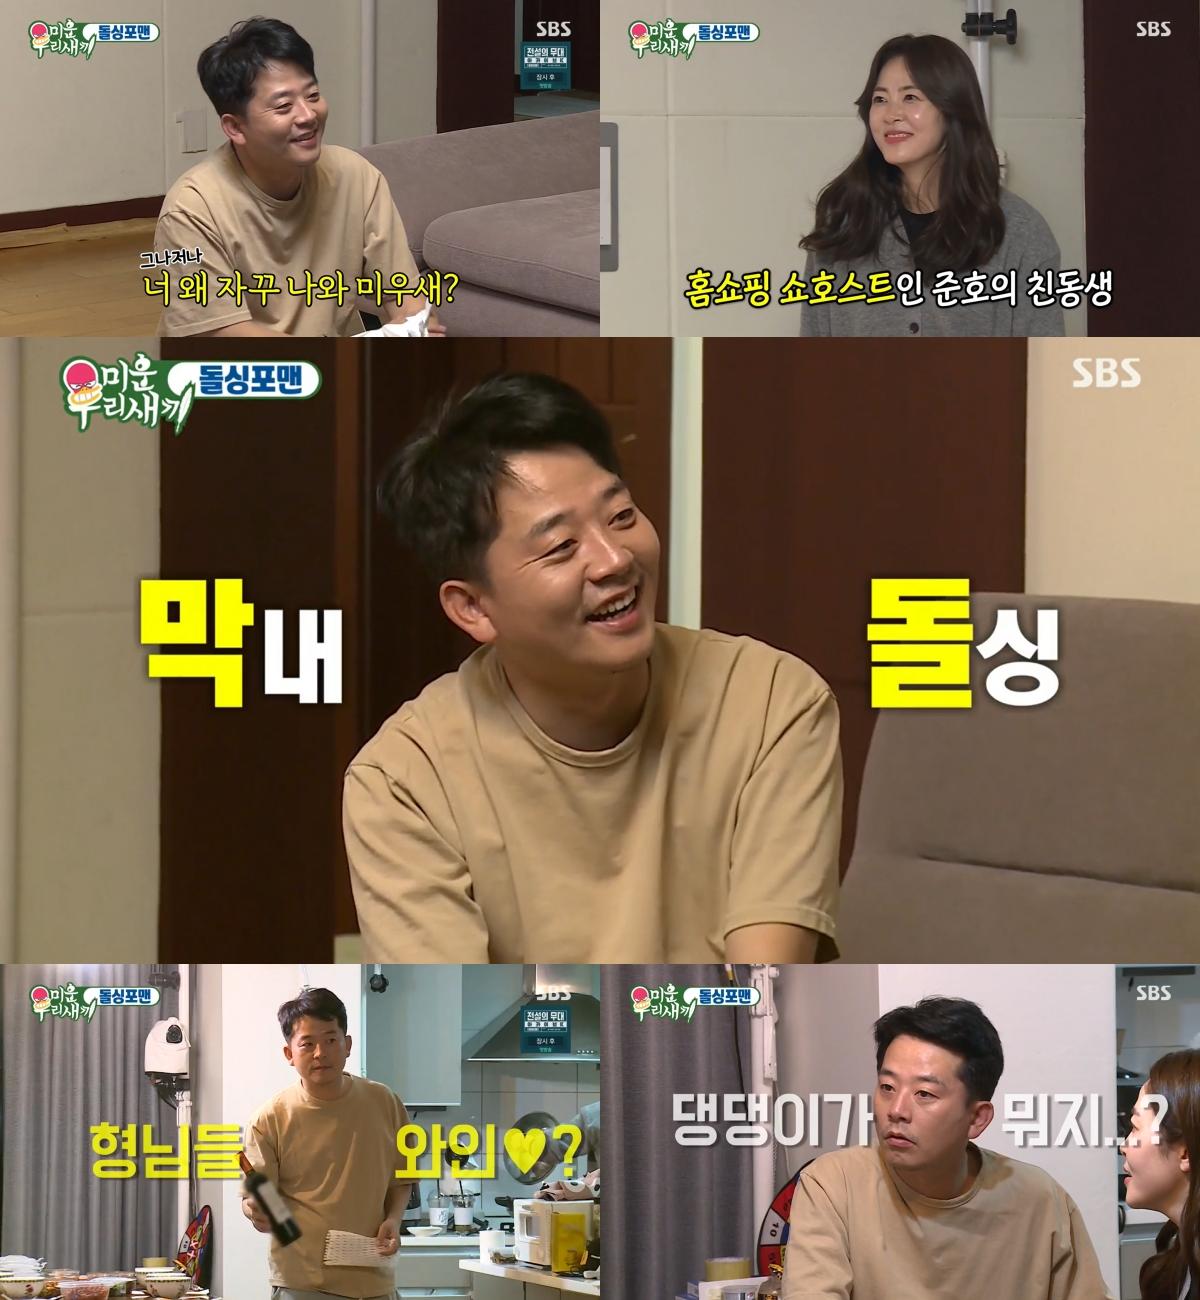 '미우새' 김준호 동생 김미진, 오빠♥김지민 응원해 큰웃음